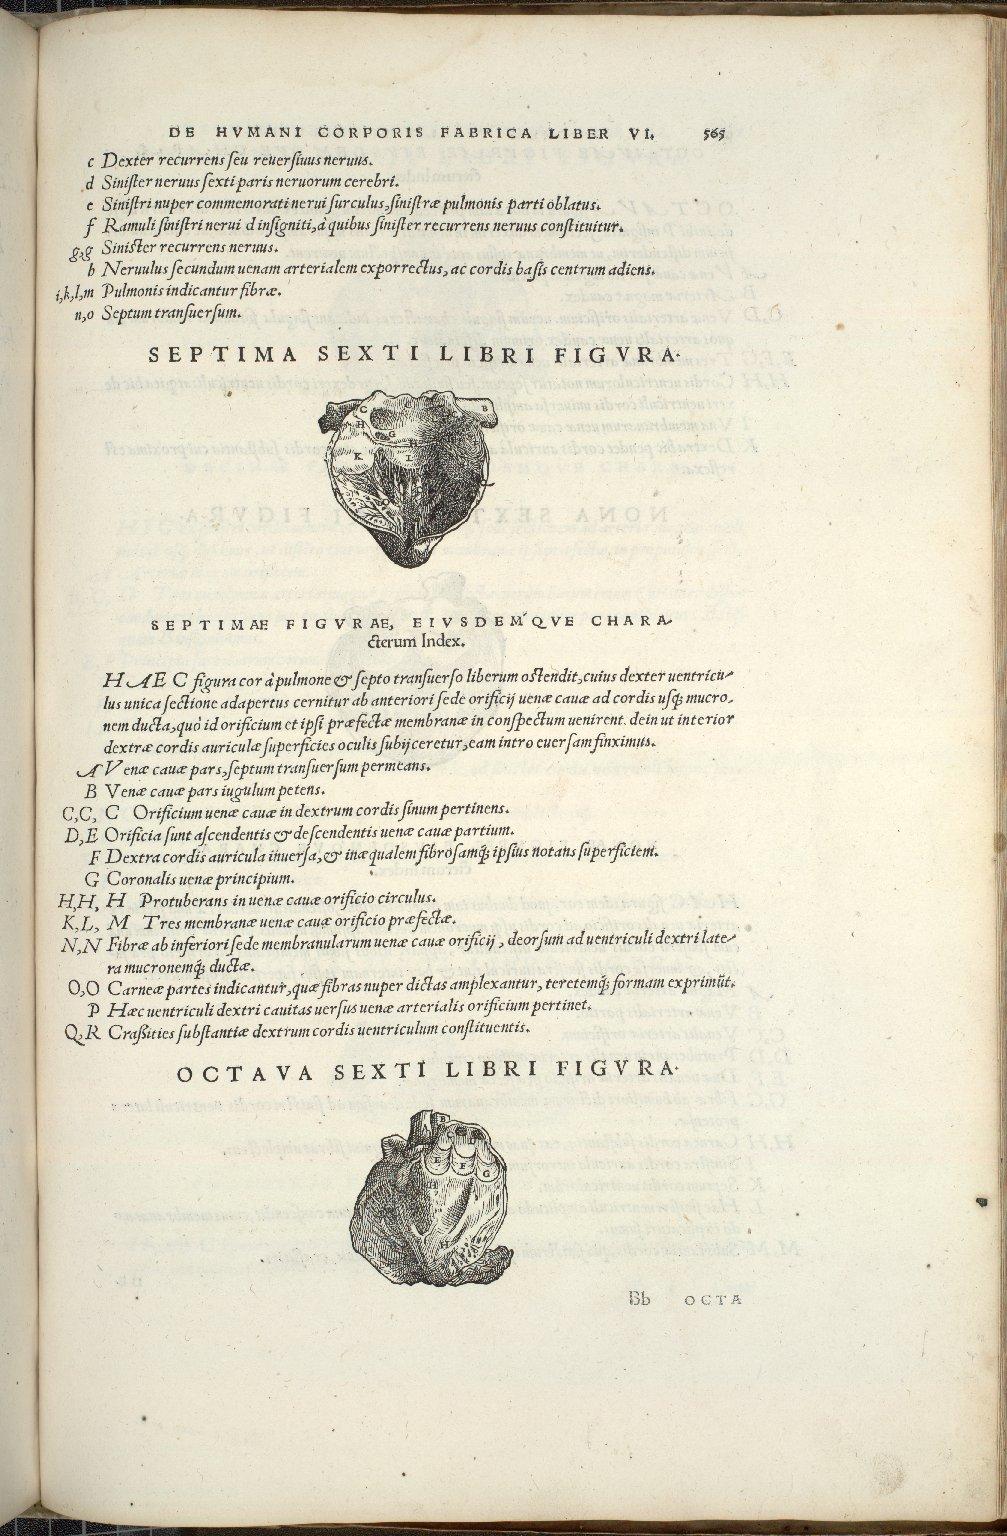 Septima Sexti Libri Figura, Octava Sexti Libri Figura.